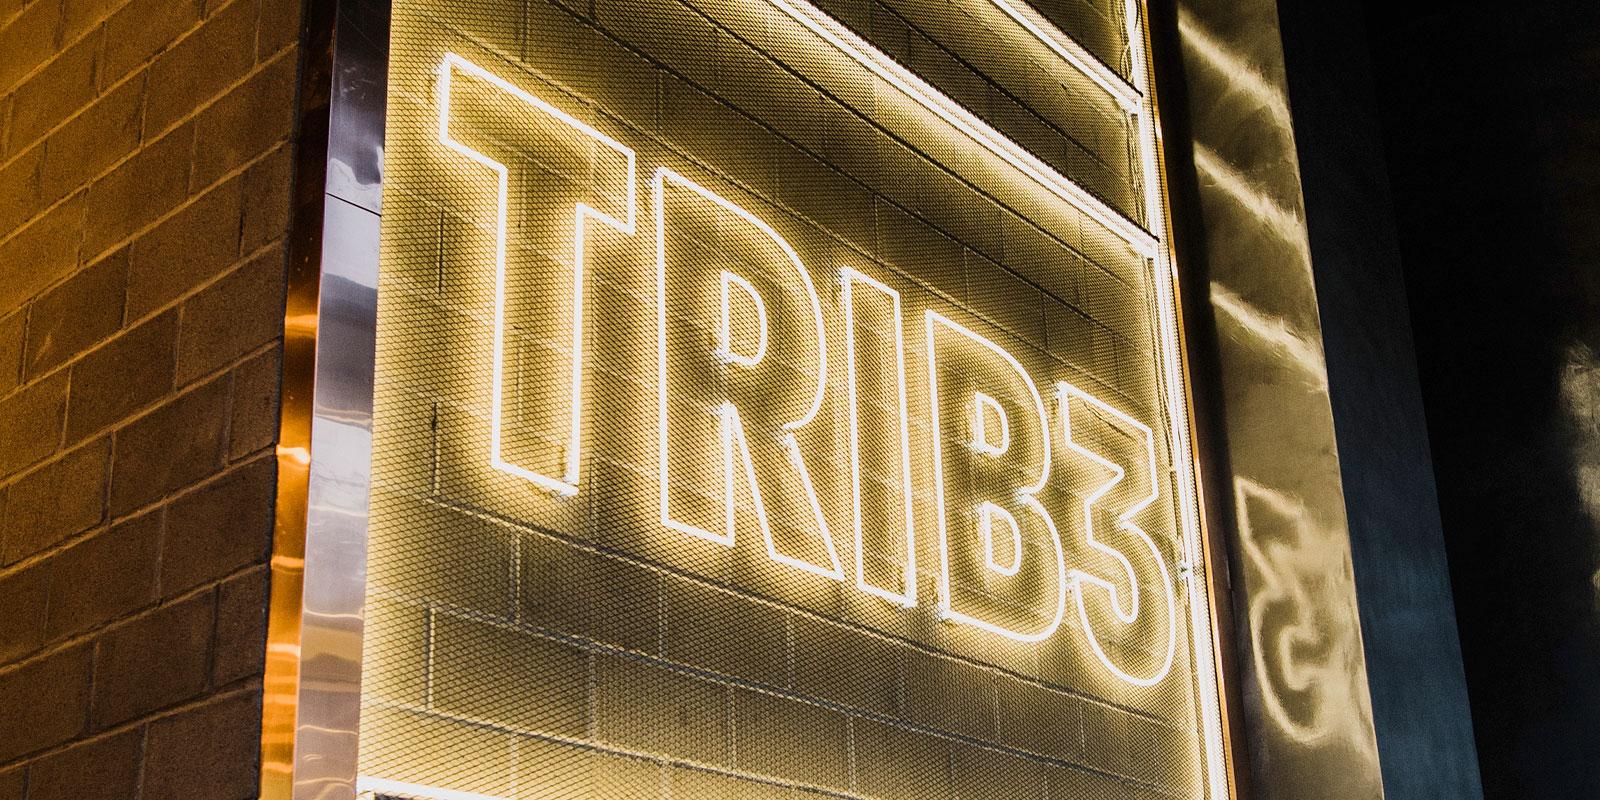 TRIB3 Madrid Cuzco - Entrance